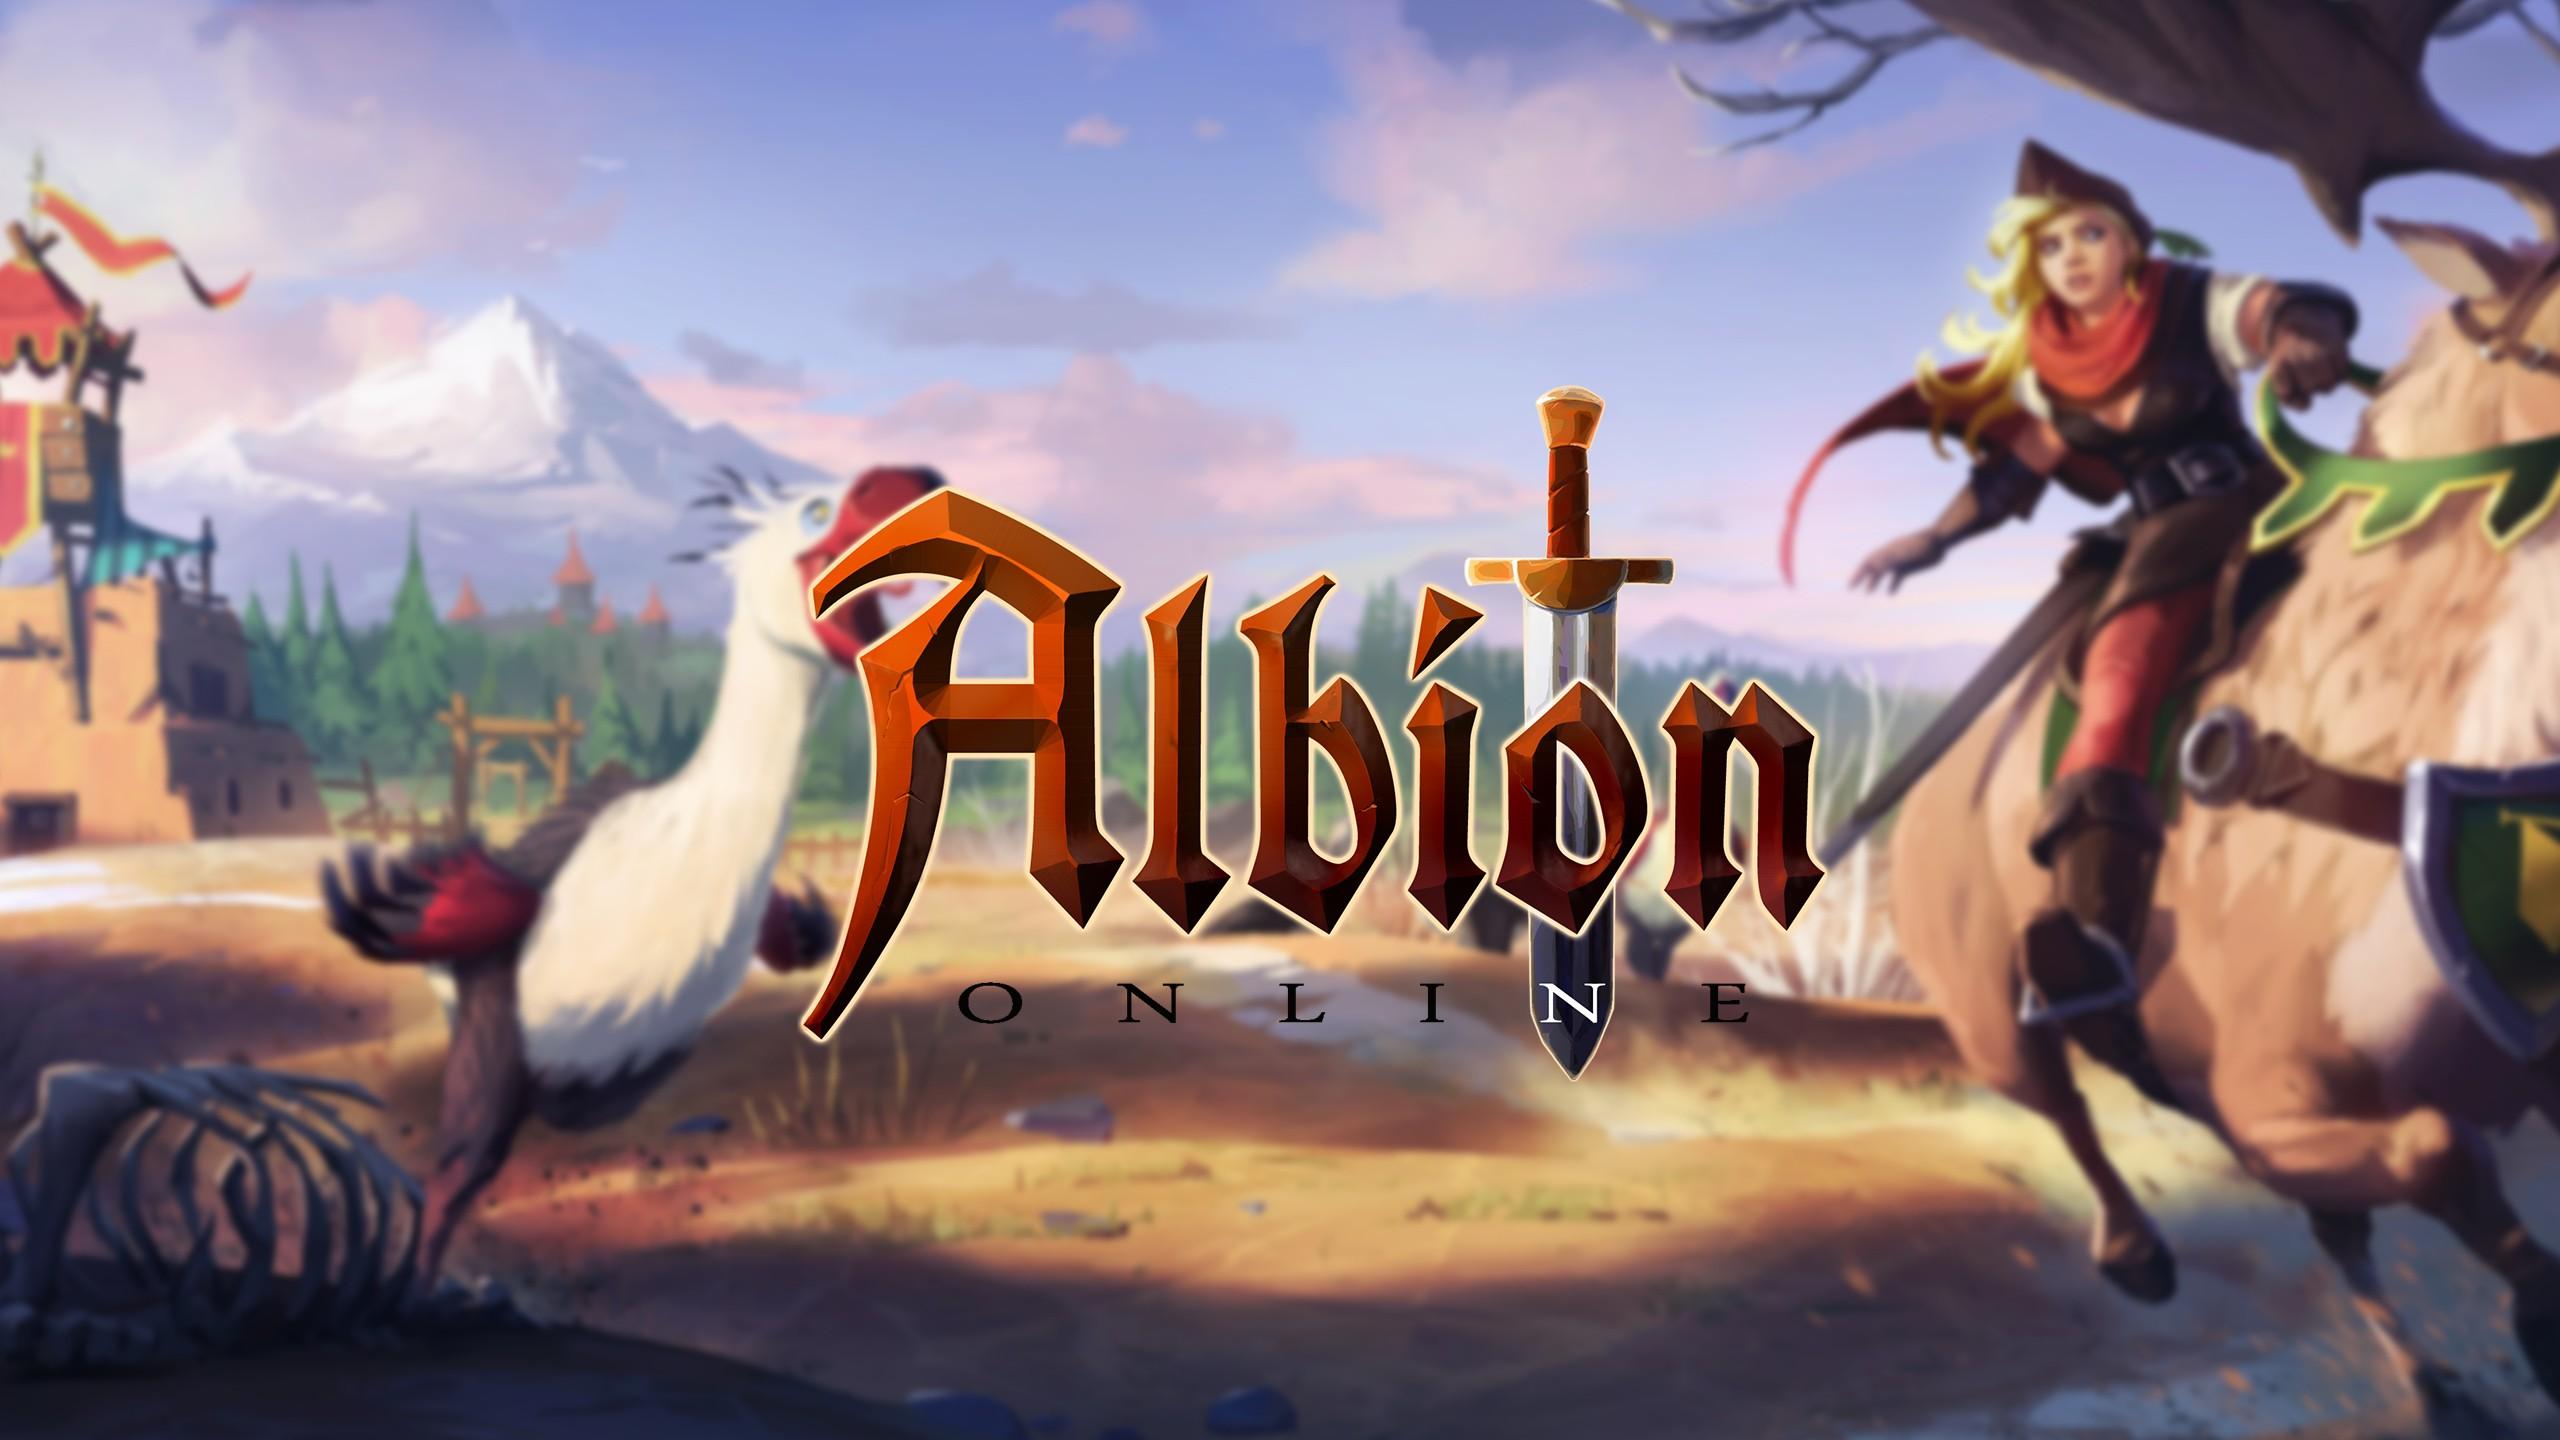 Albion Online Wallpaper HD